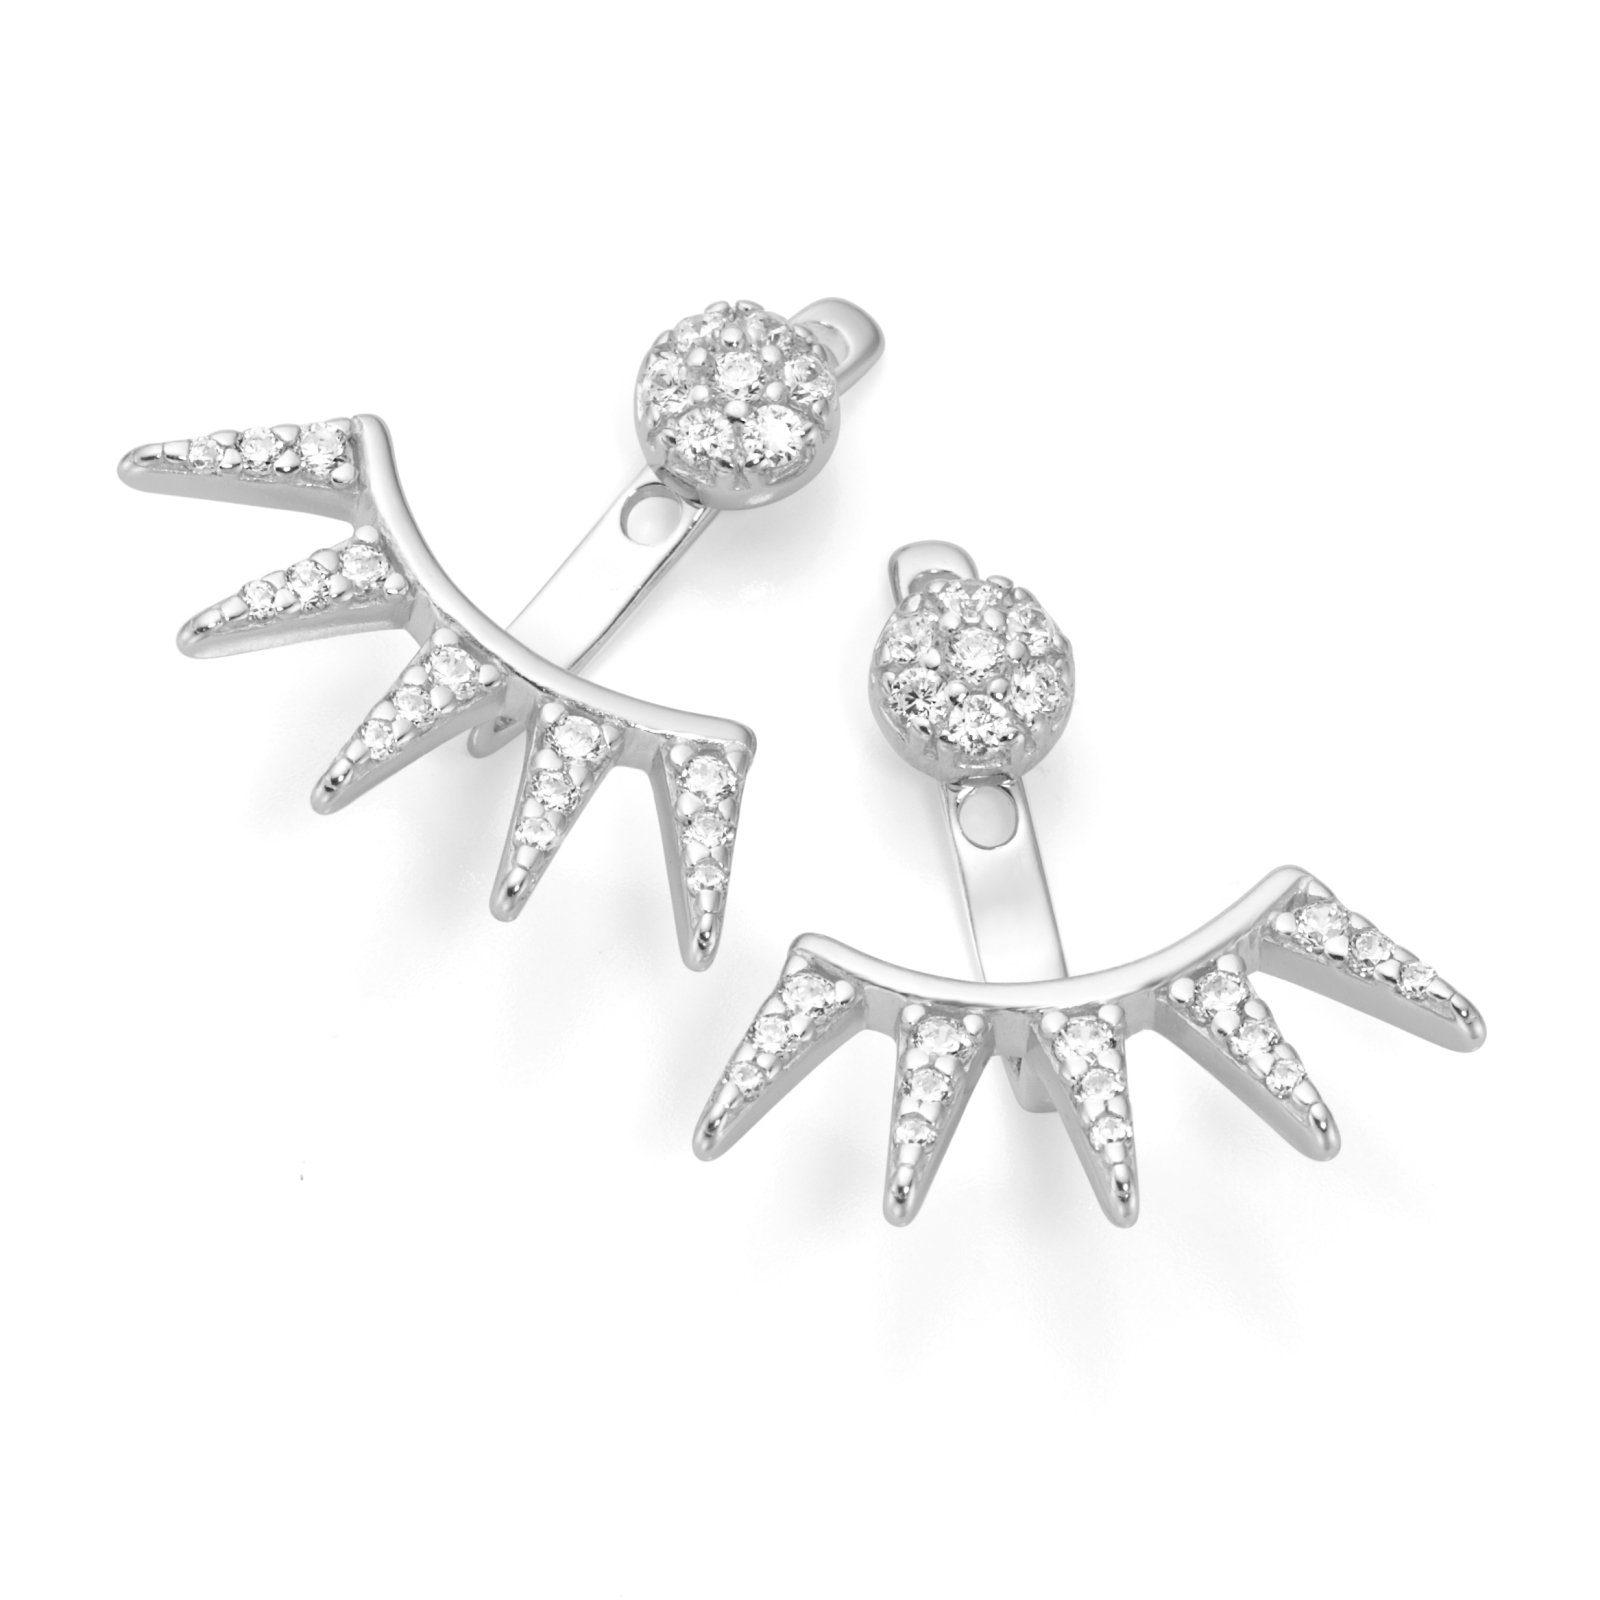 Kaufen Smart Paar Mit teilig Jewel »2 Einhänger Ohrstecker Zacken« Online mNw0nOv8Py